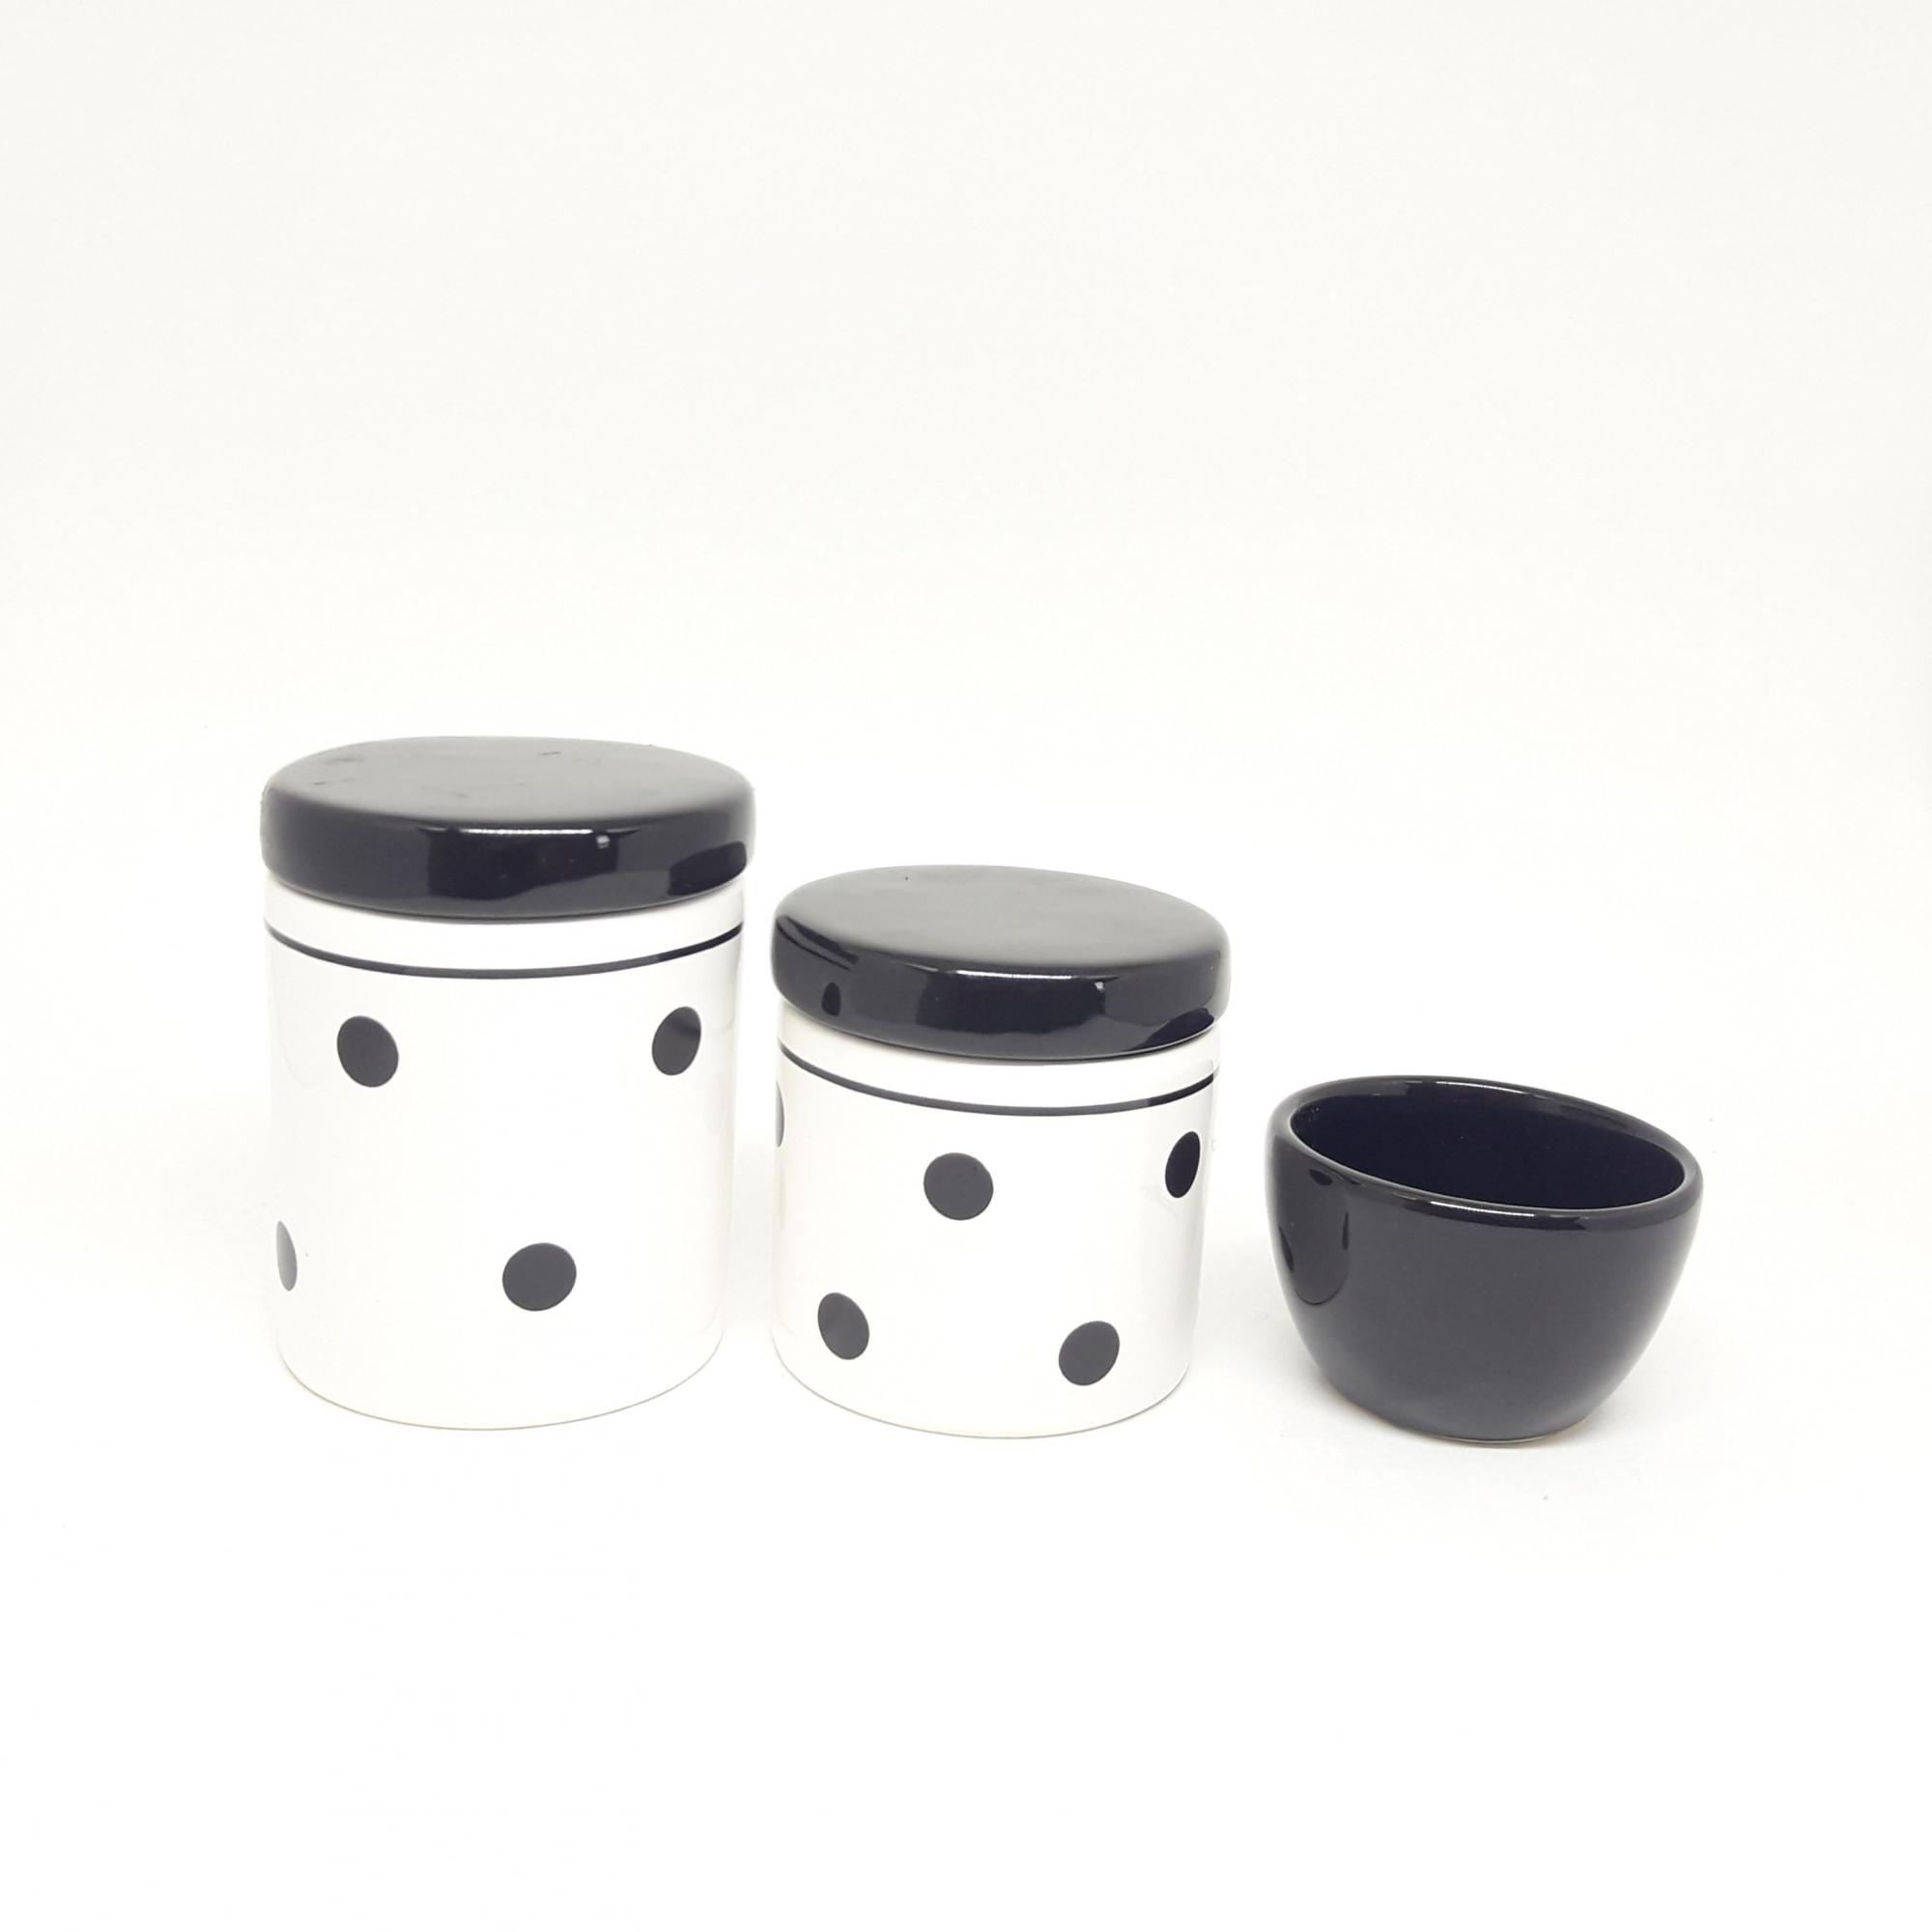 Kit Higiene Bebê Cerâmica Branco e Preto com Poa 3 peças